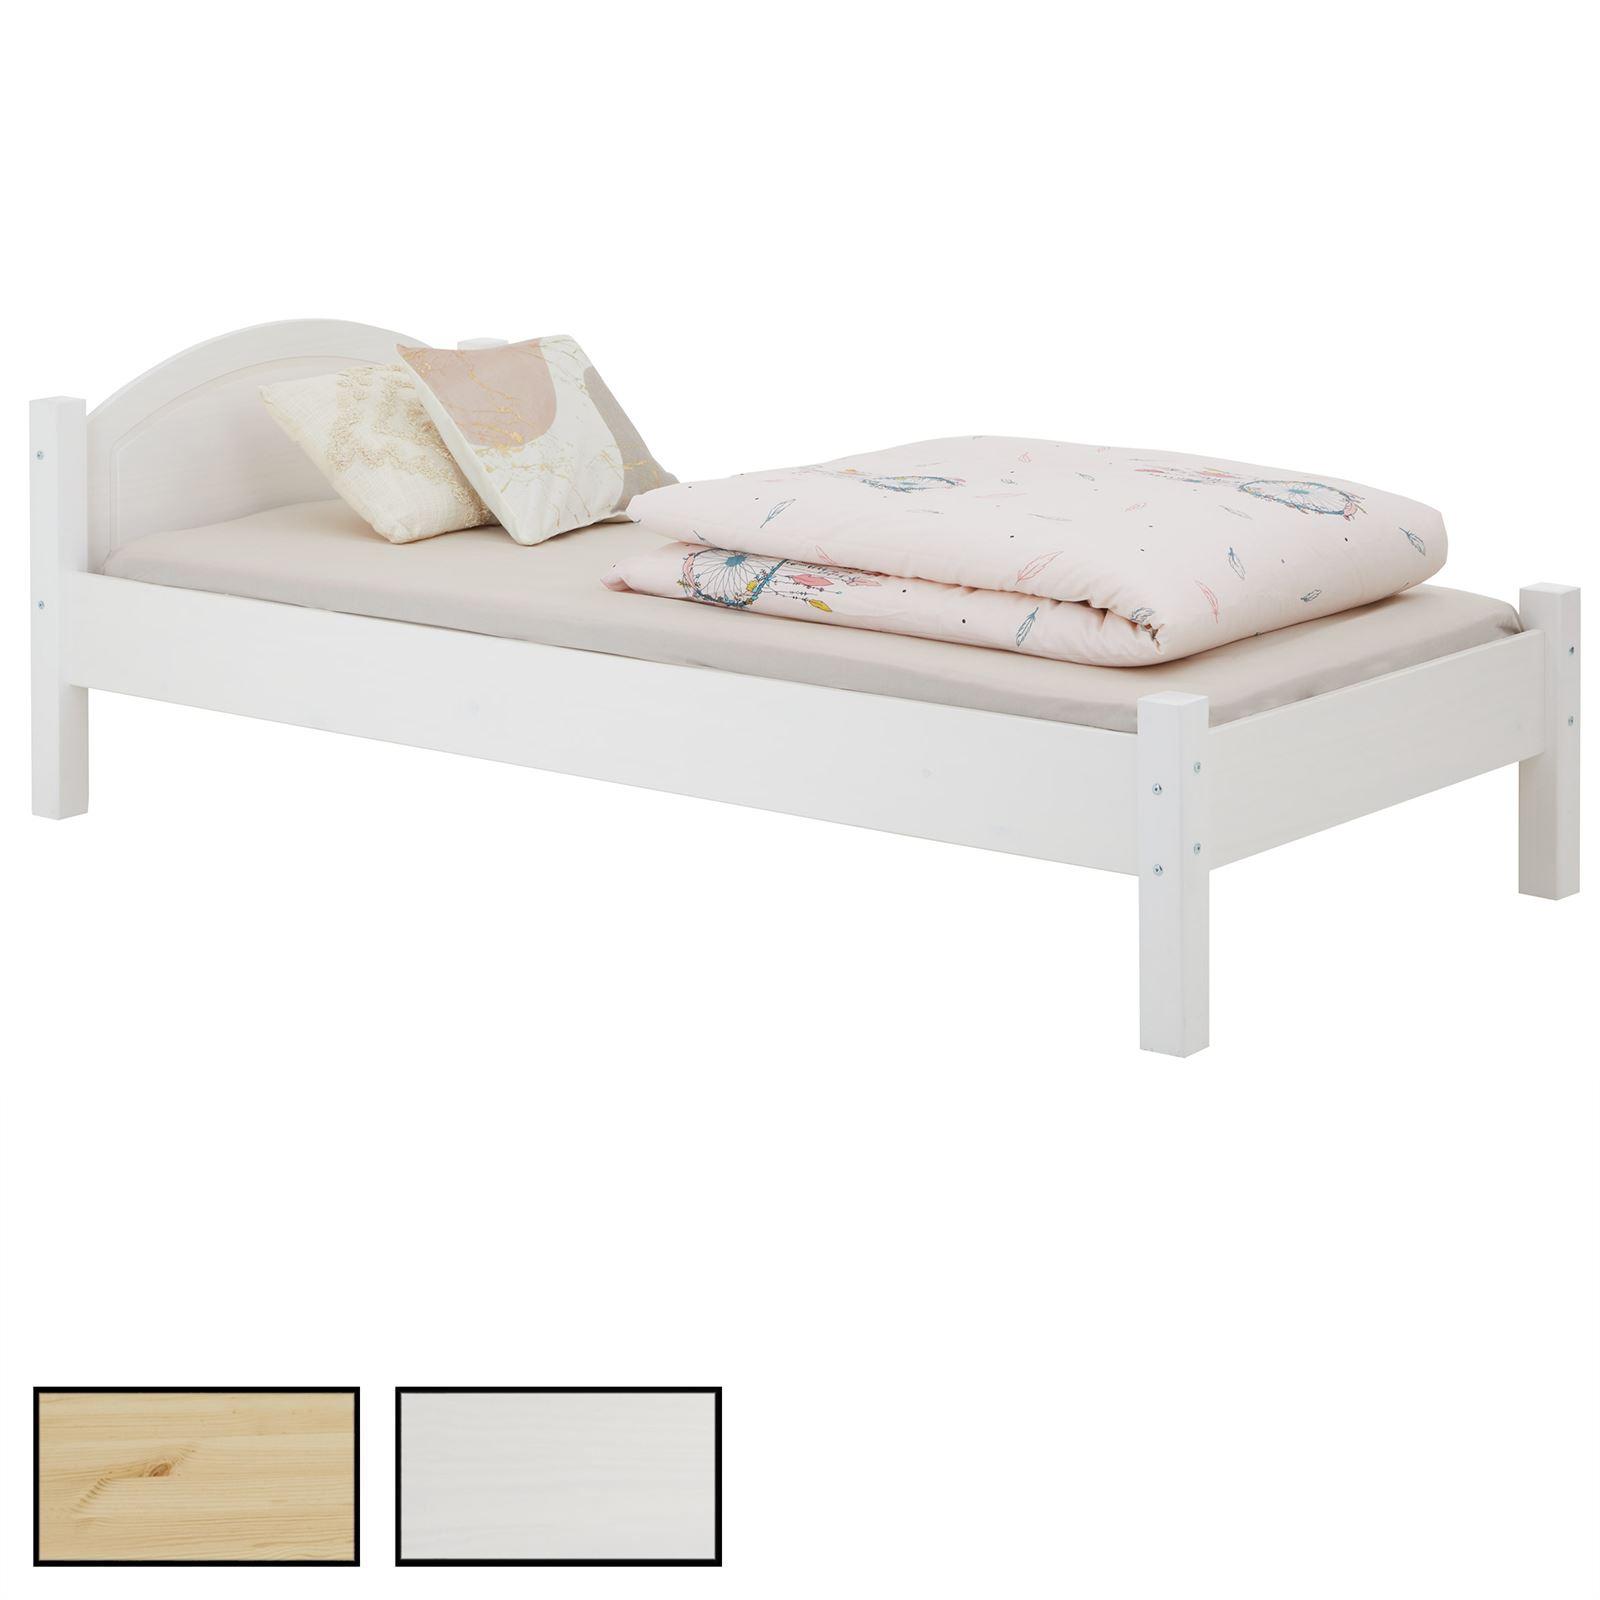 Betten für das heimische Schlafzimmer - mobilia24